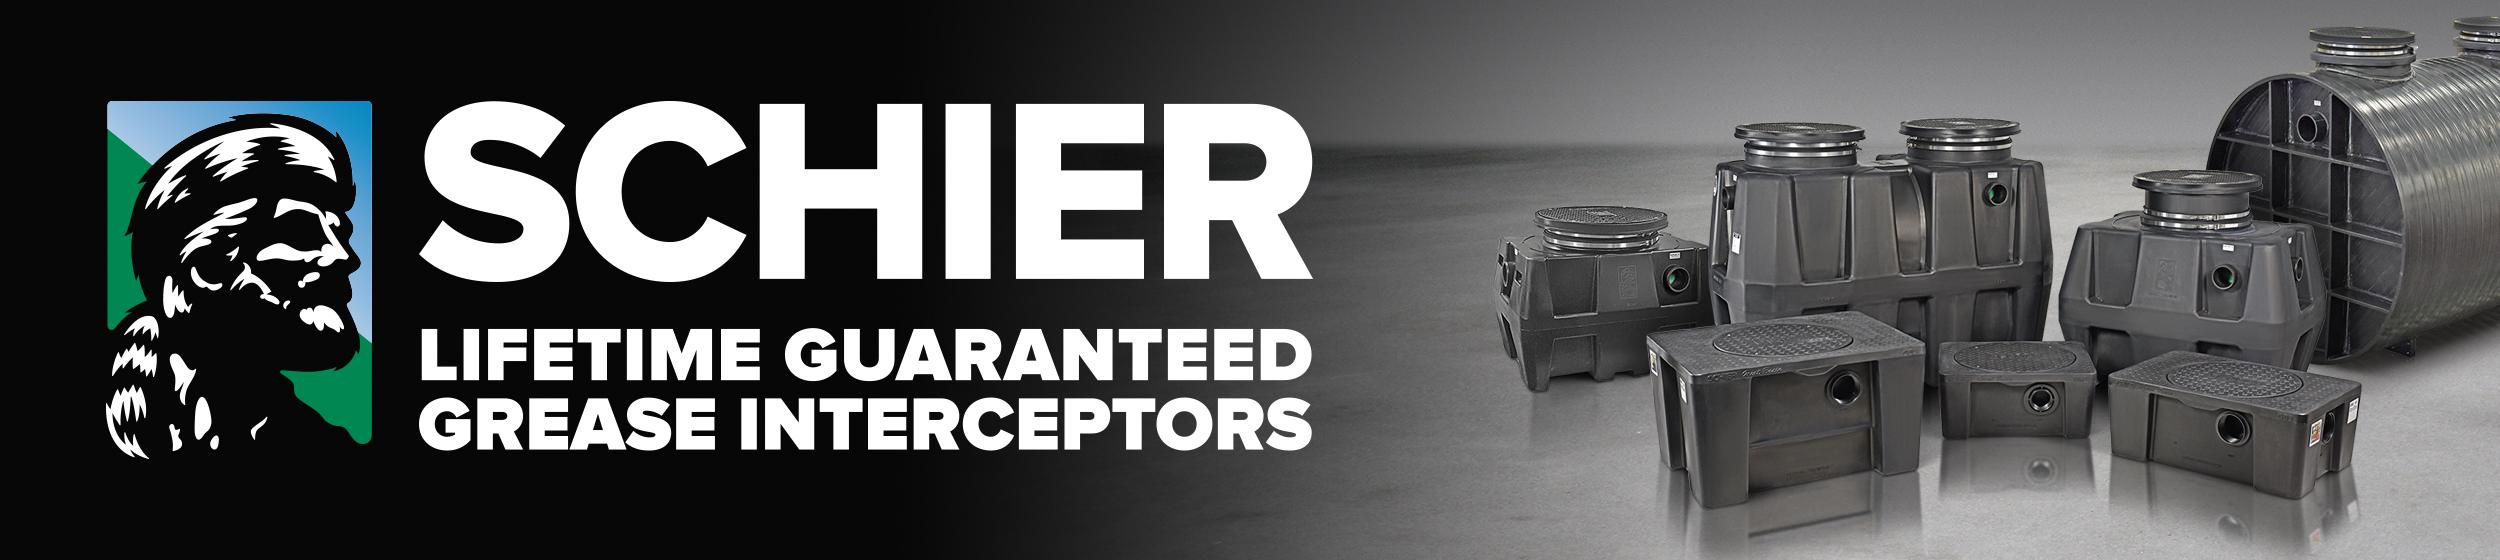 Schier-Banner-Ad-2500x560-A.jpg